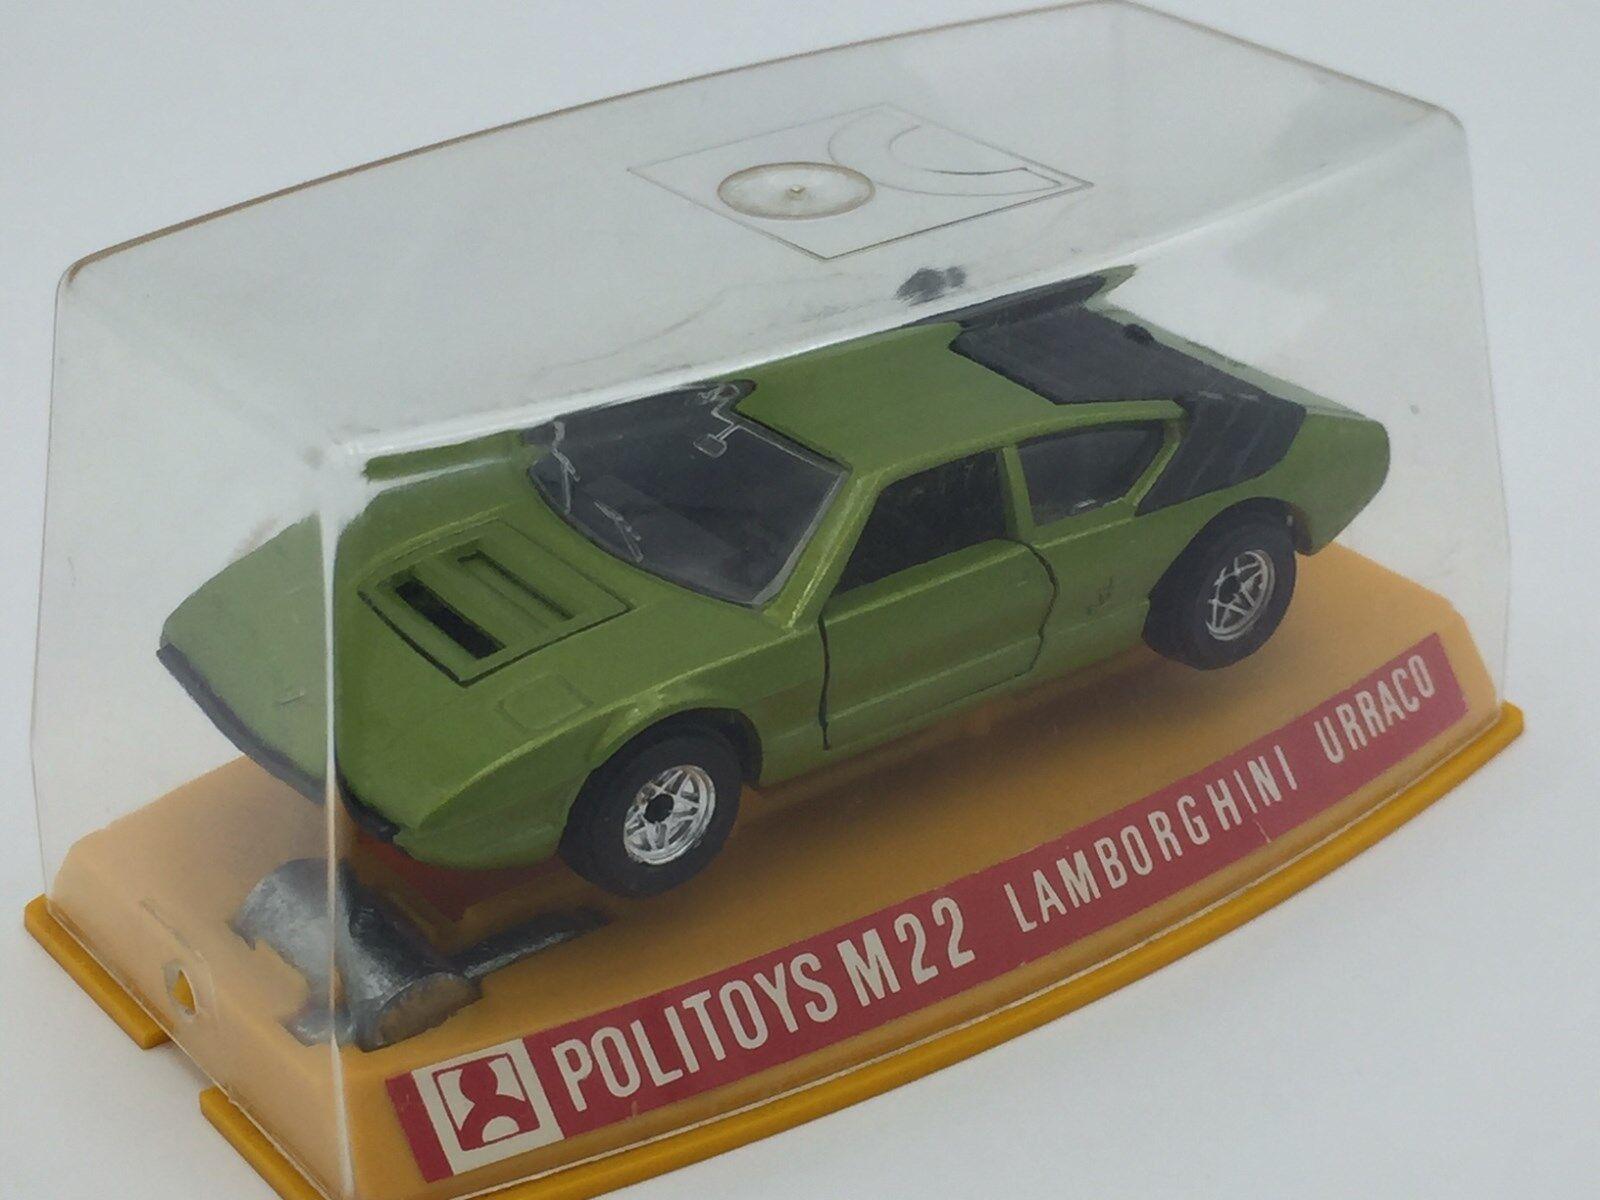 mejor oferta Lamborghini Urraco PoliJuguetes M22 1 43 43 43  suministramos lo mejor